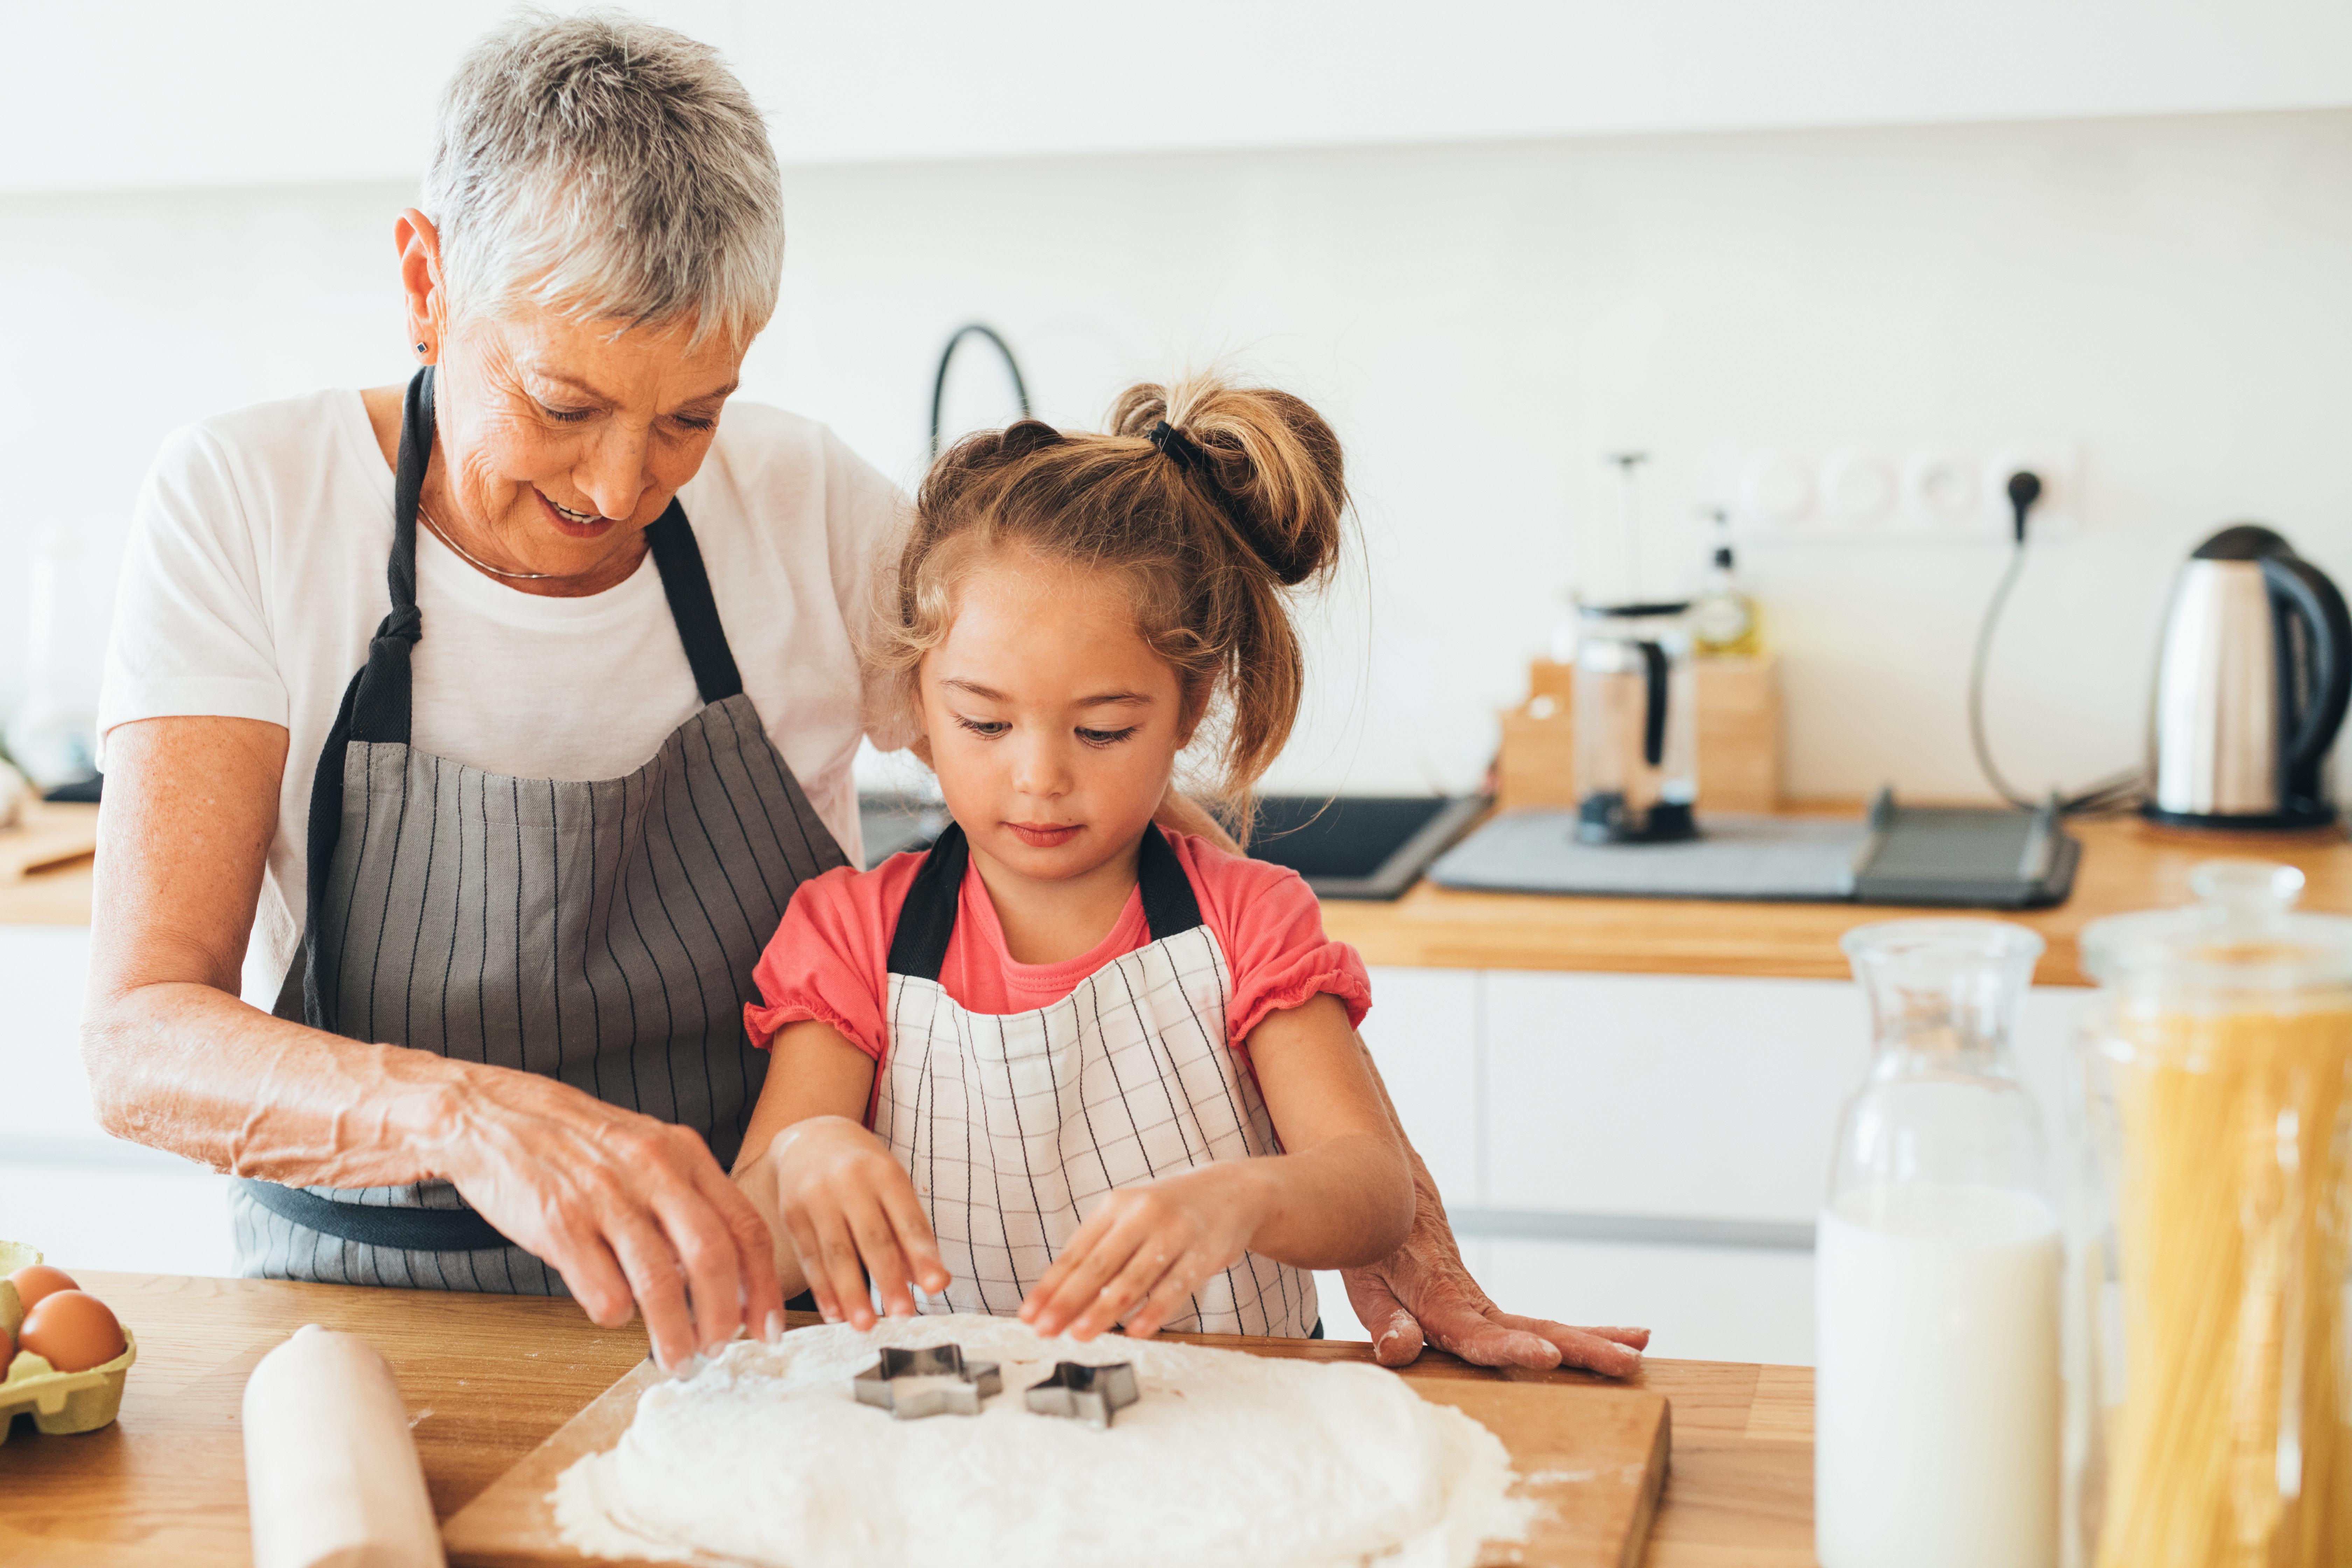 Δικαίωμα και των παππούδων να βλέπουν τα εγγόνια μετά το διαζύγιο των γονιών, αποφάνθηκε το Ευρωπαϊκό